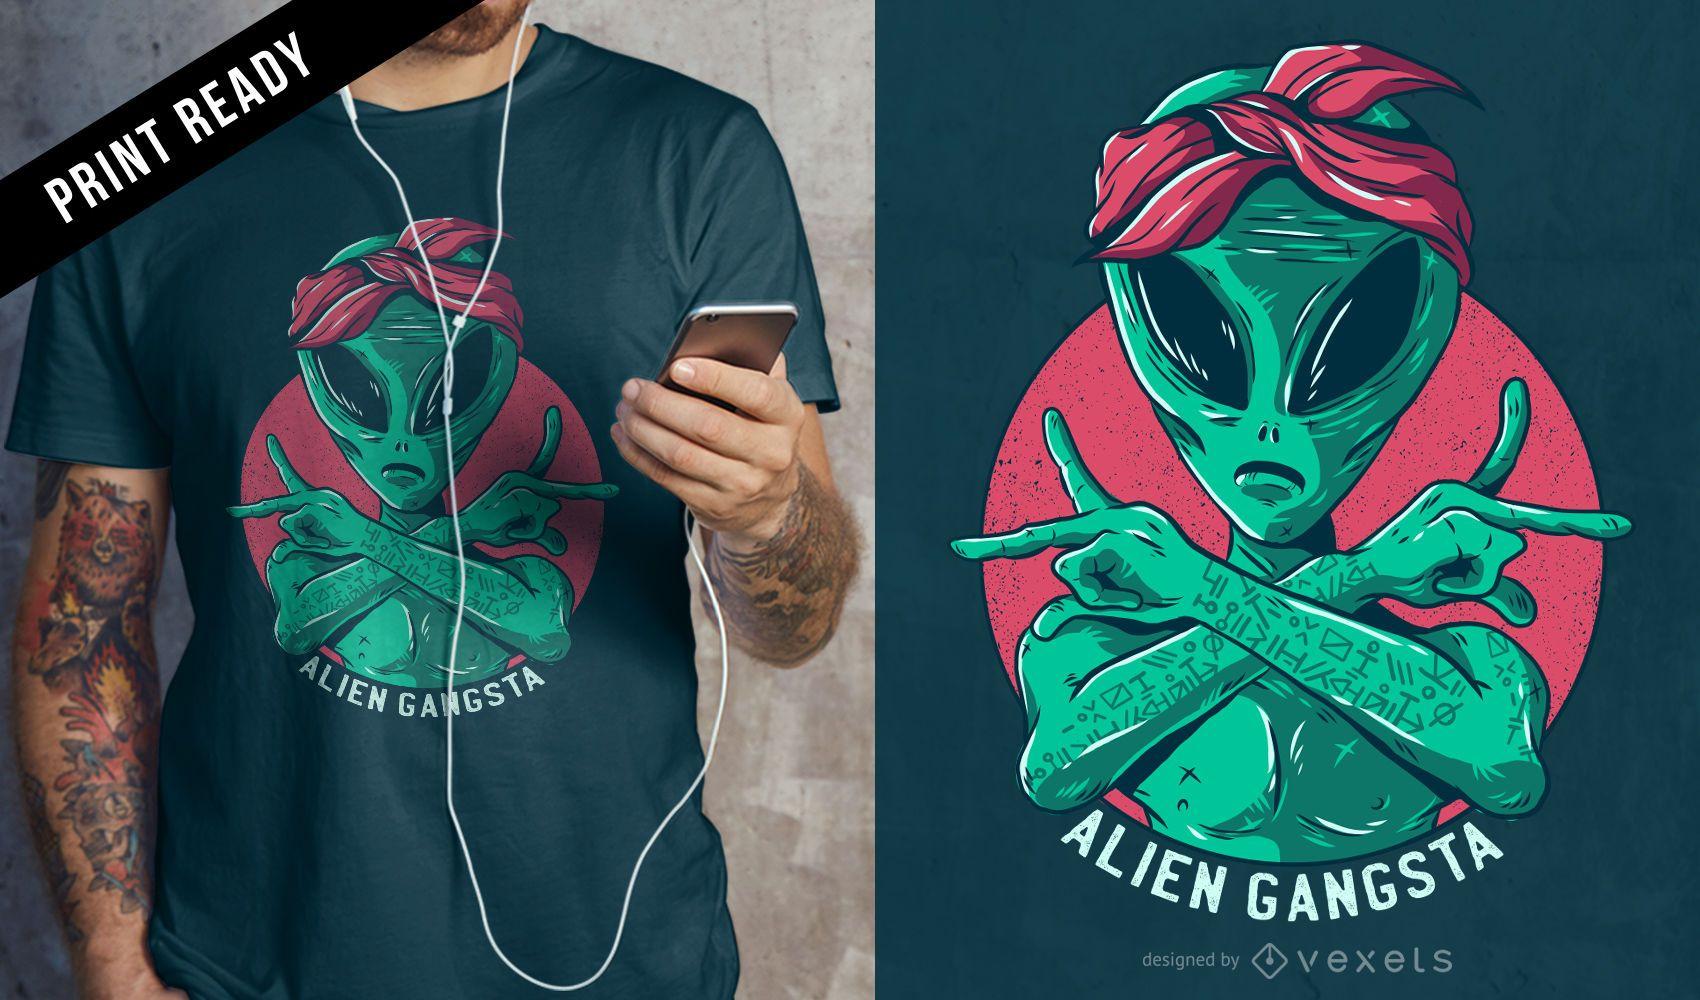 Alien gangsta t-shirt design